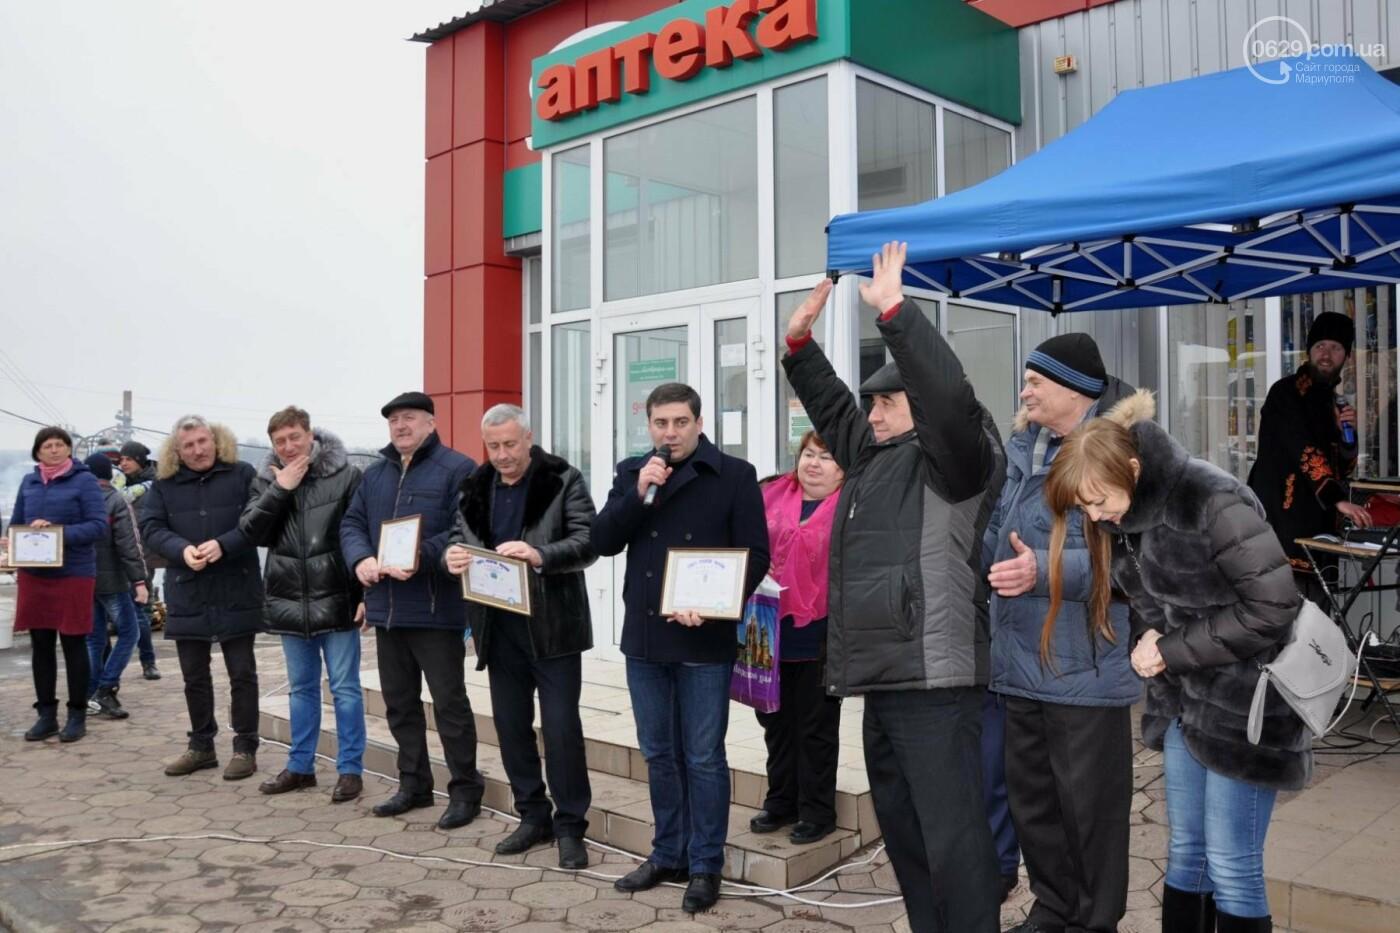 В селе Боевое испекли 17000 блинов и установили новый рекорд Украины, фото-37